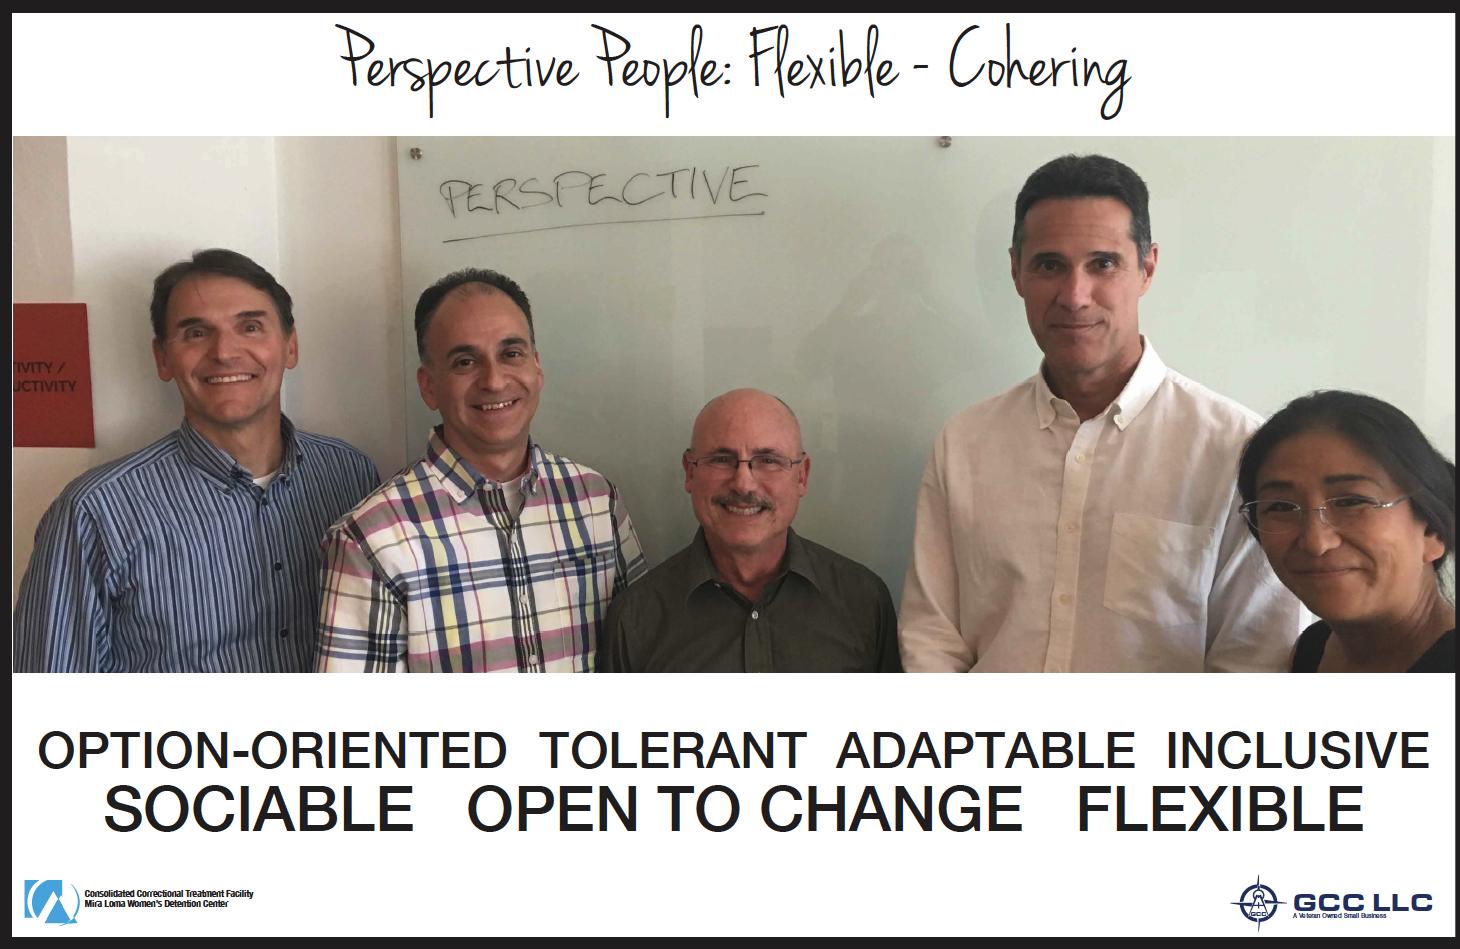 PerspectivePeopleBlack120818.pdf 2019-07-22 14-10-38.jpg